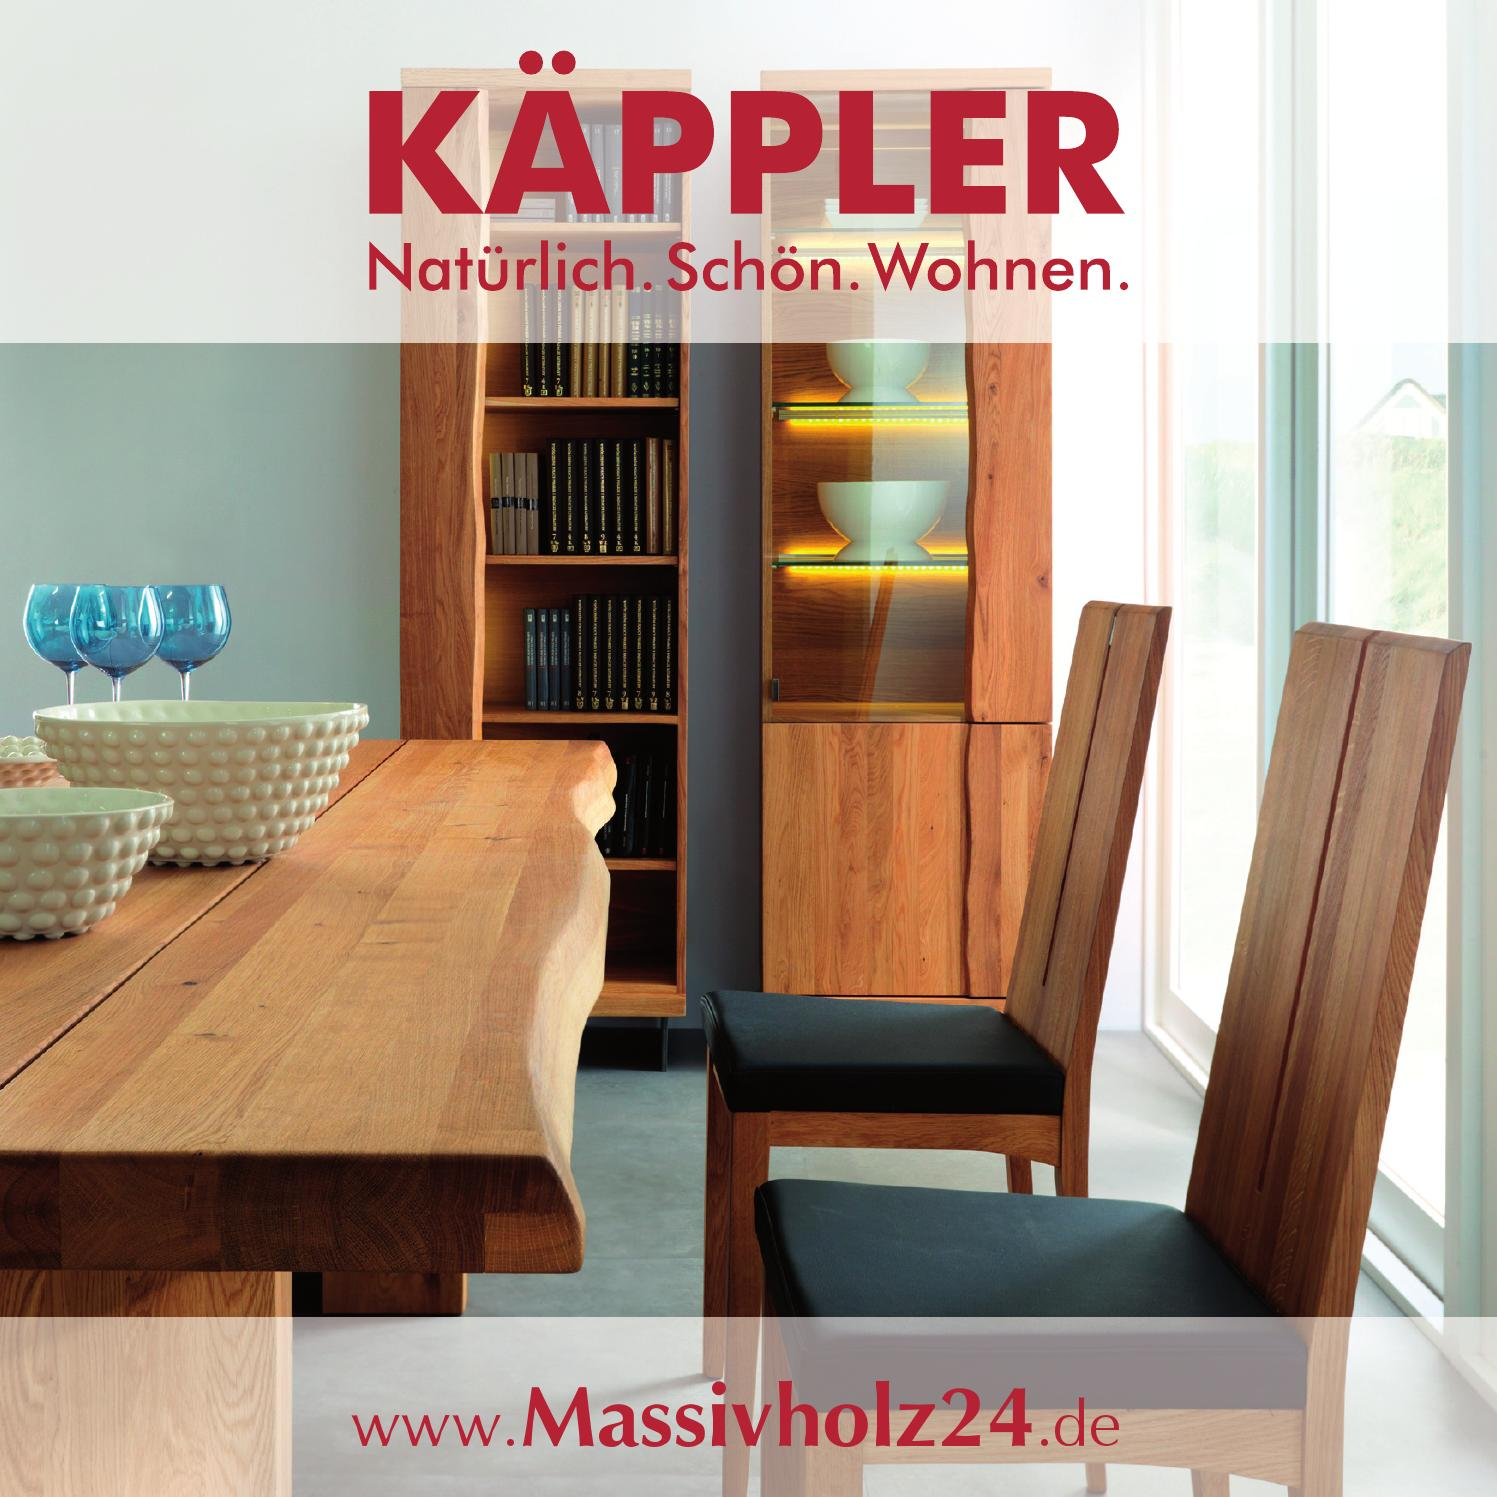 Käppler Natürlich Schön Wohnen Impressionen By Kaeppler Wohnen